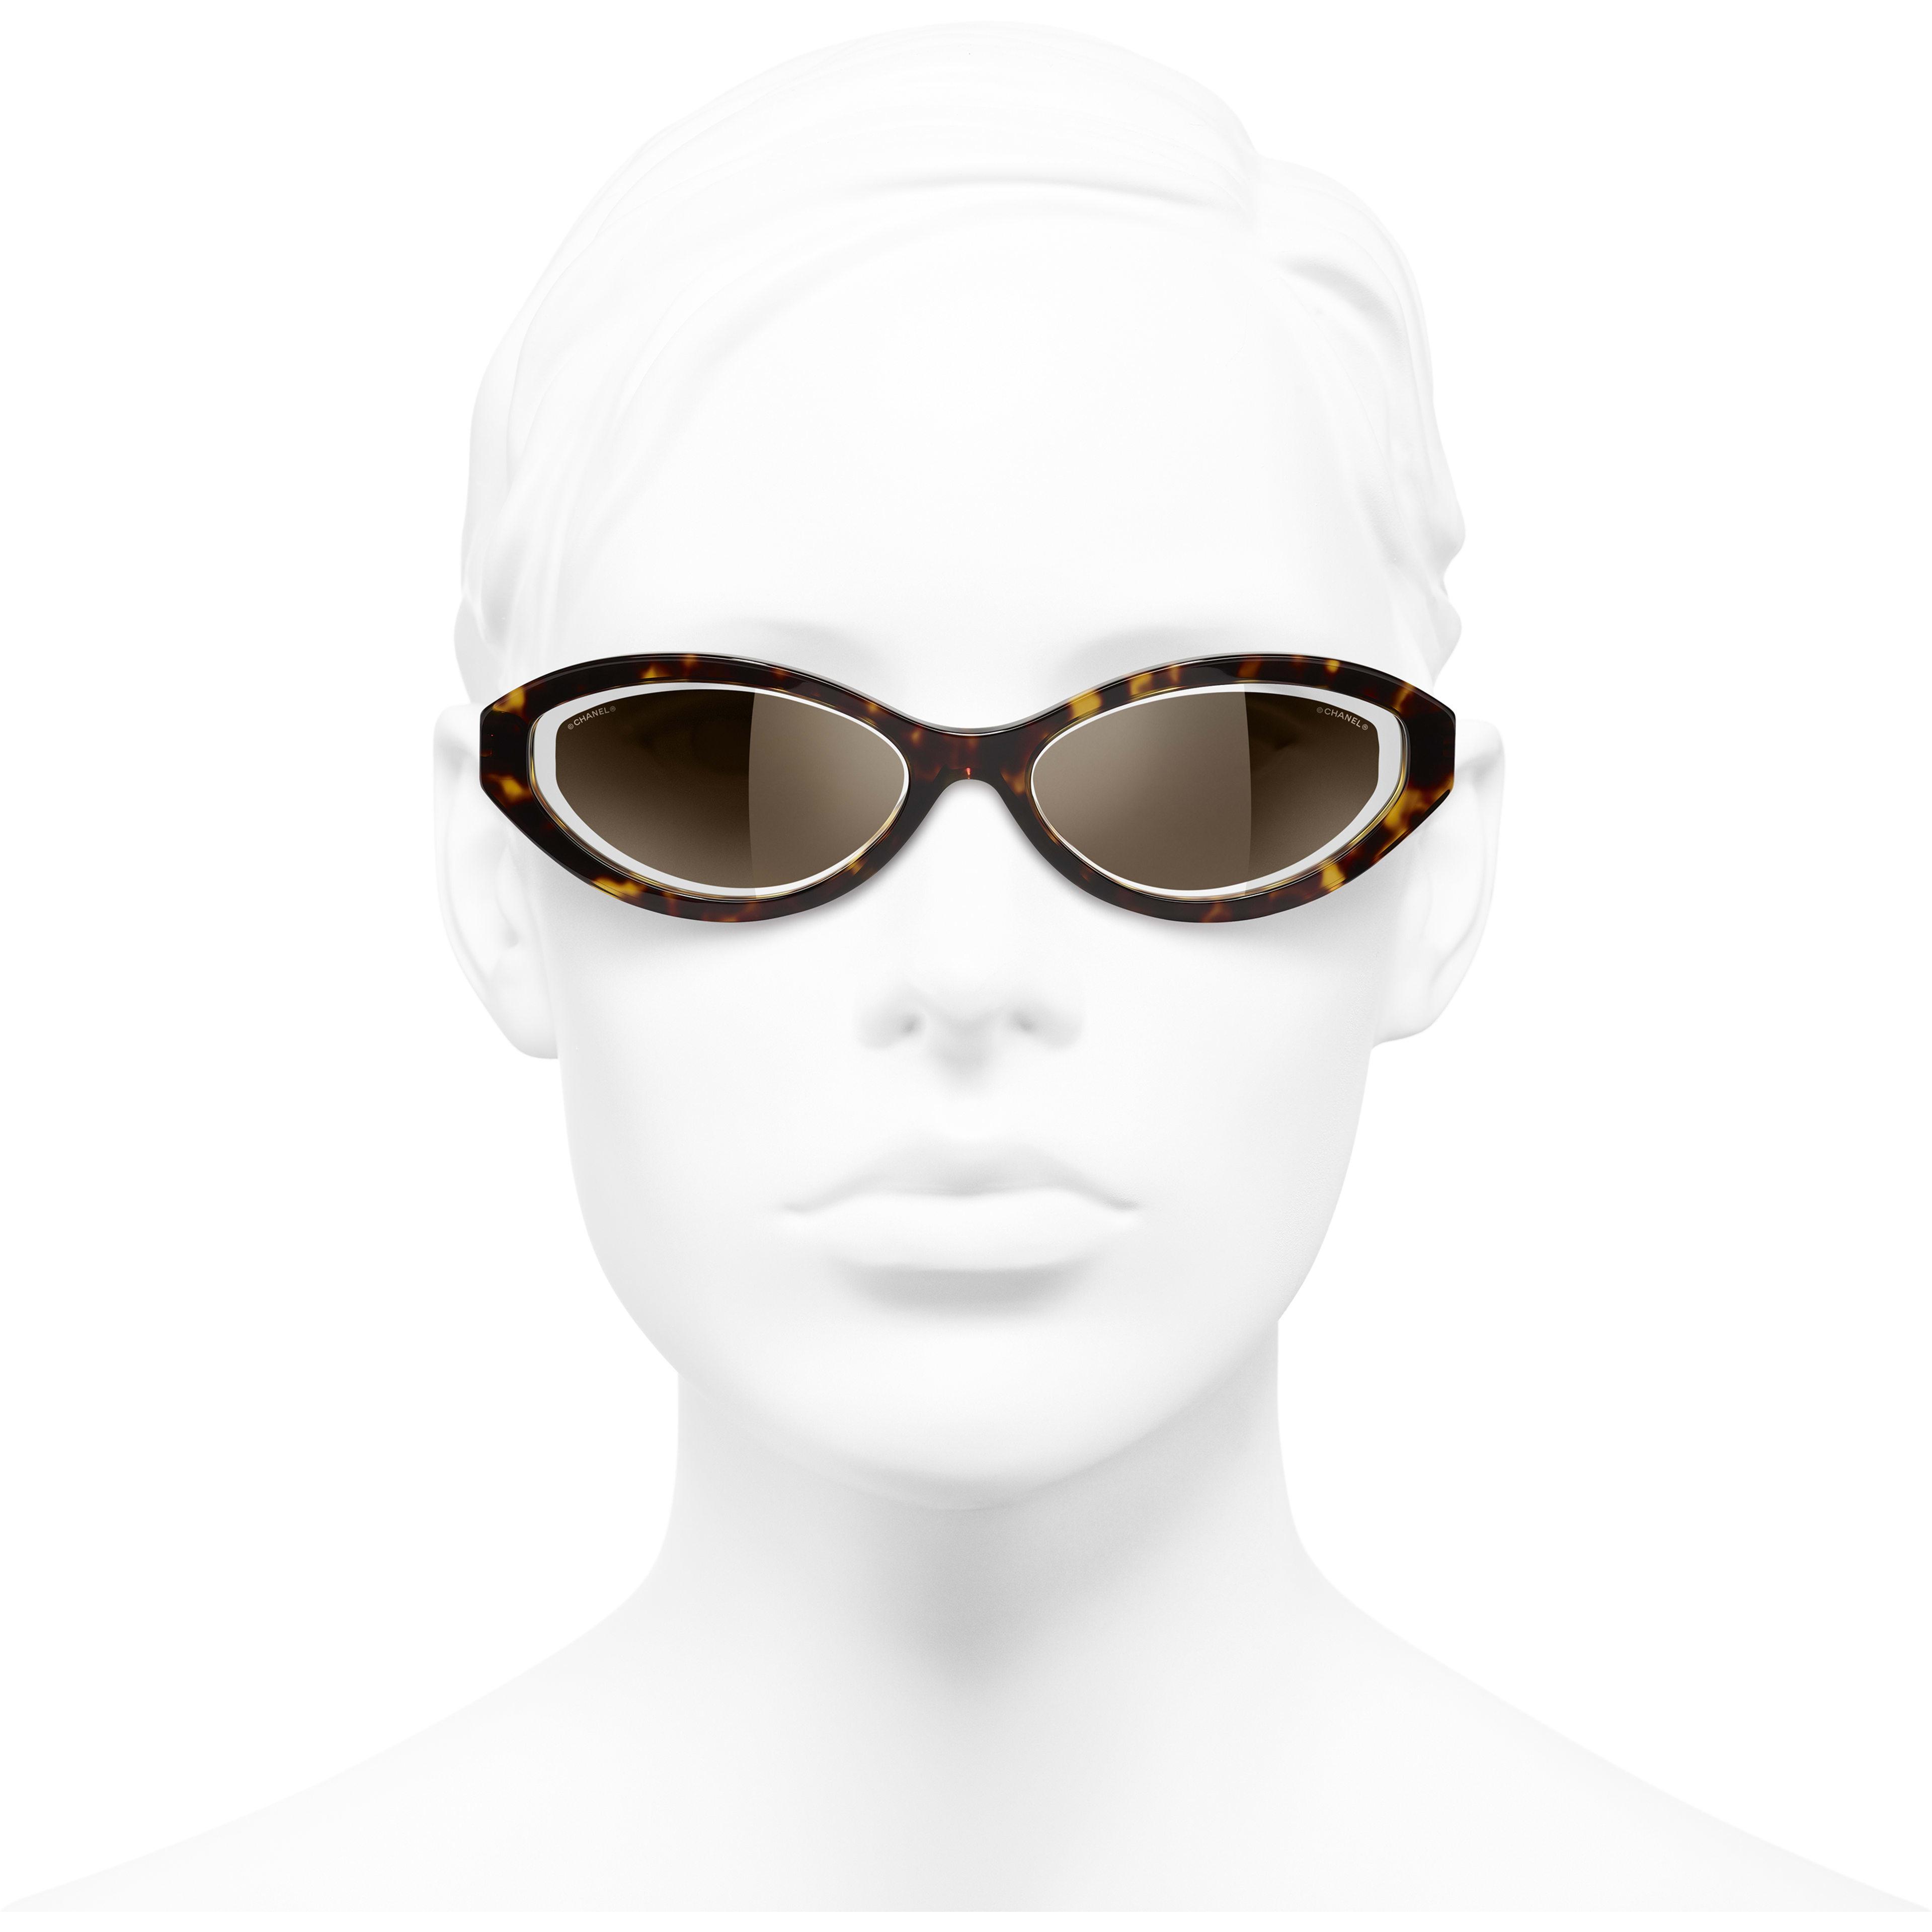 Ovale zonnebril - Donker schildpad - Acetaat & metaal - CHANEL - Gedragen weergave voorzijde - zie versie op standaardgrootte